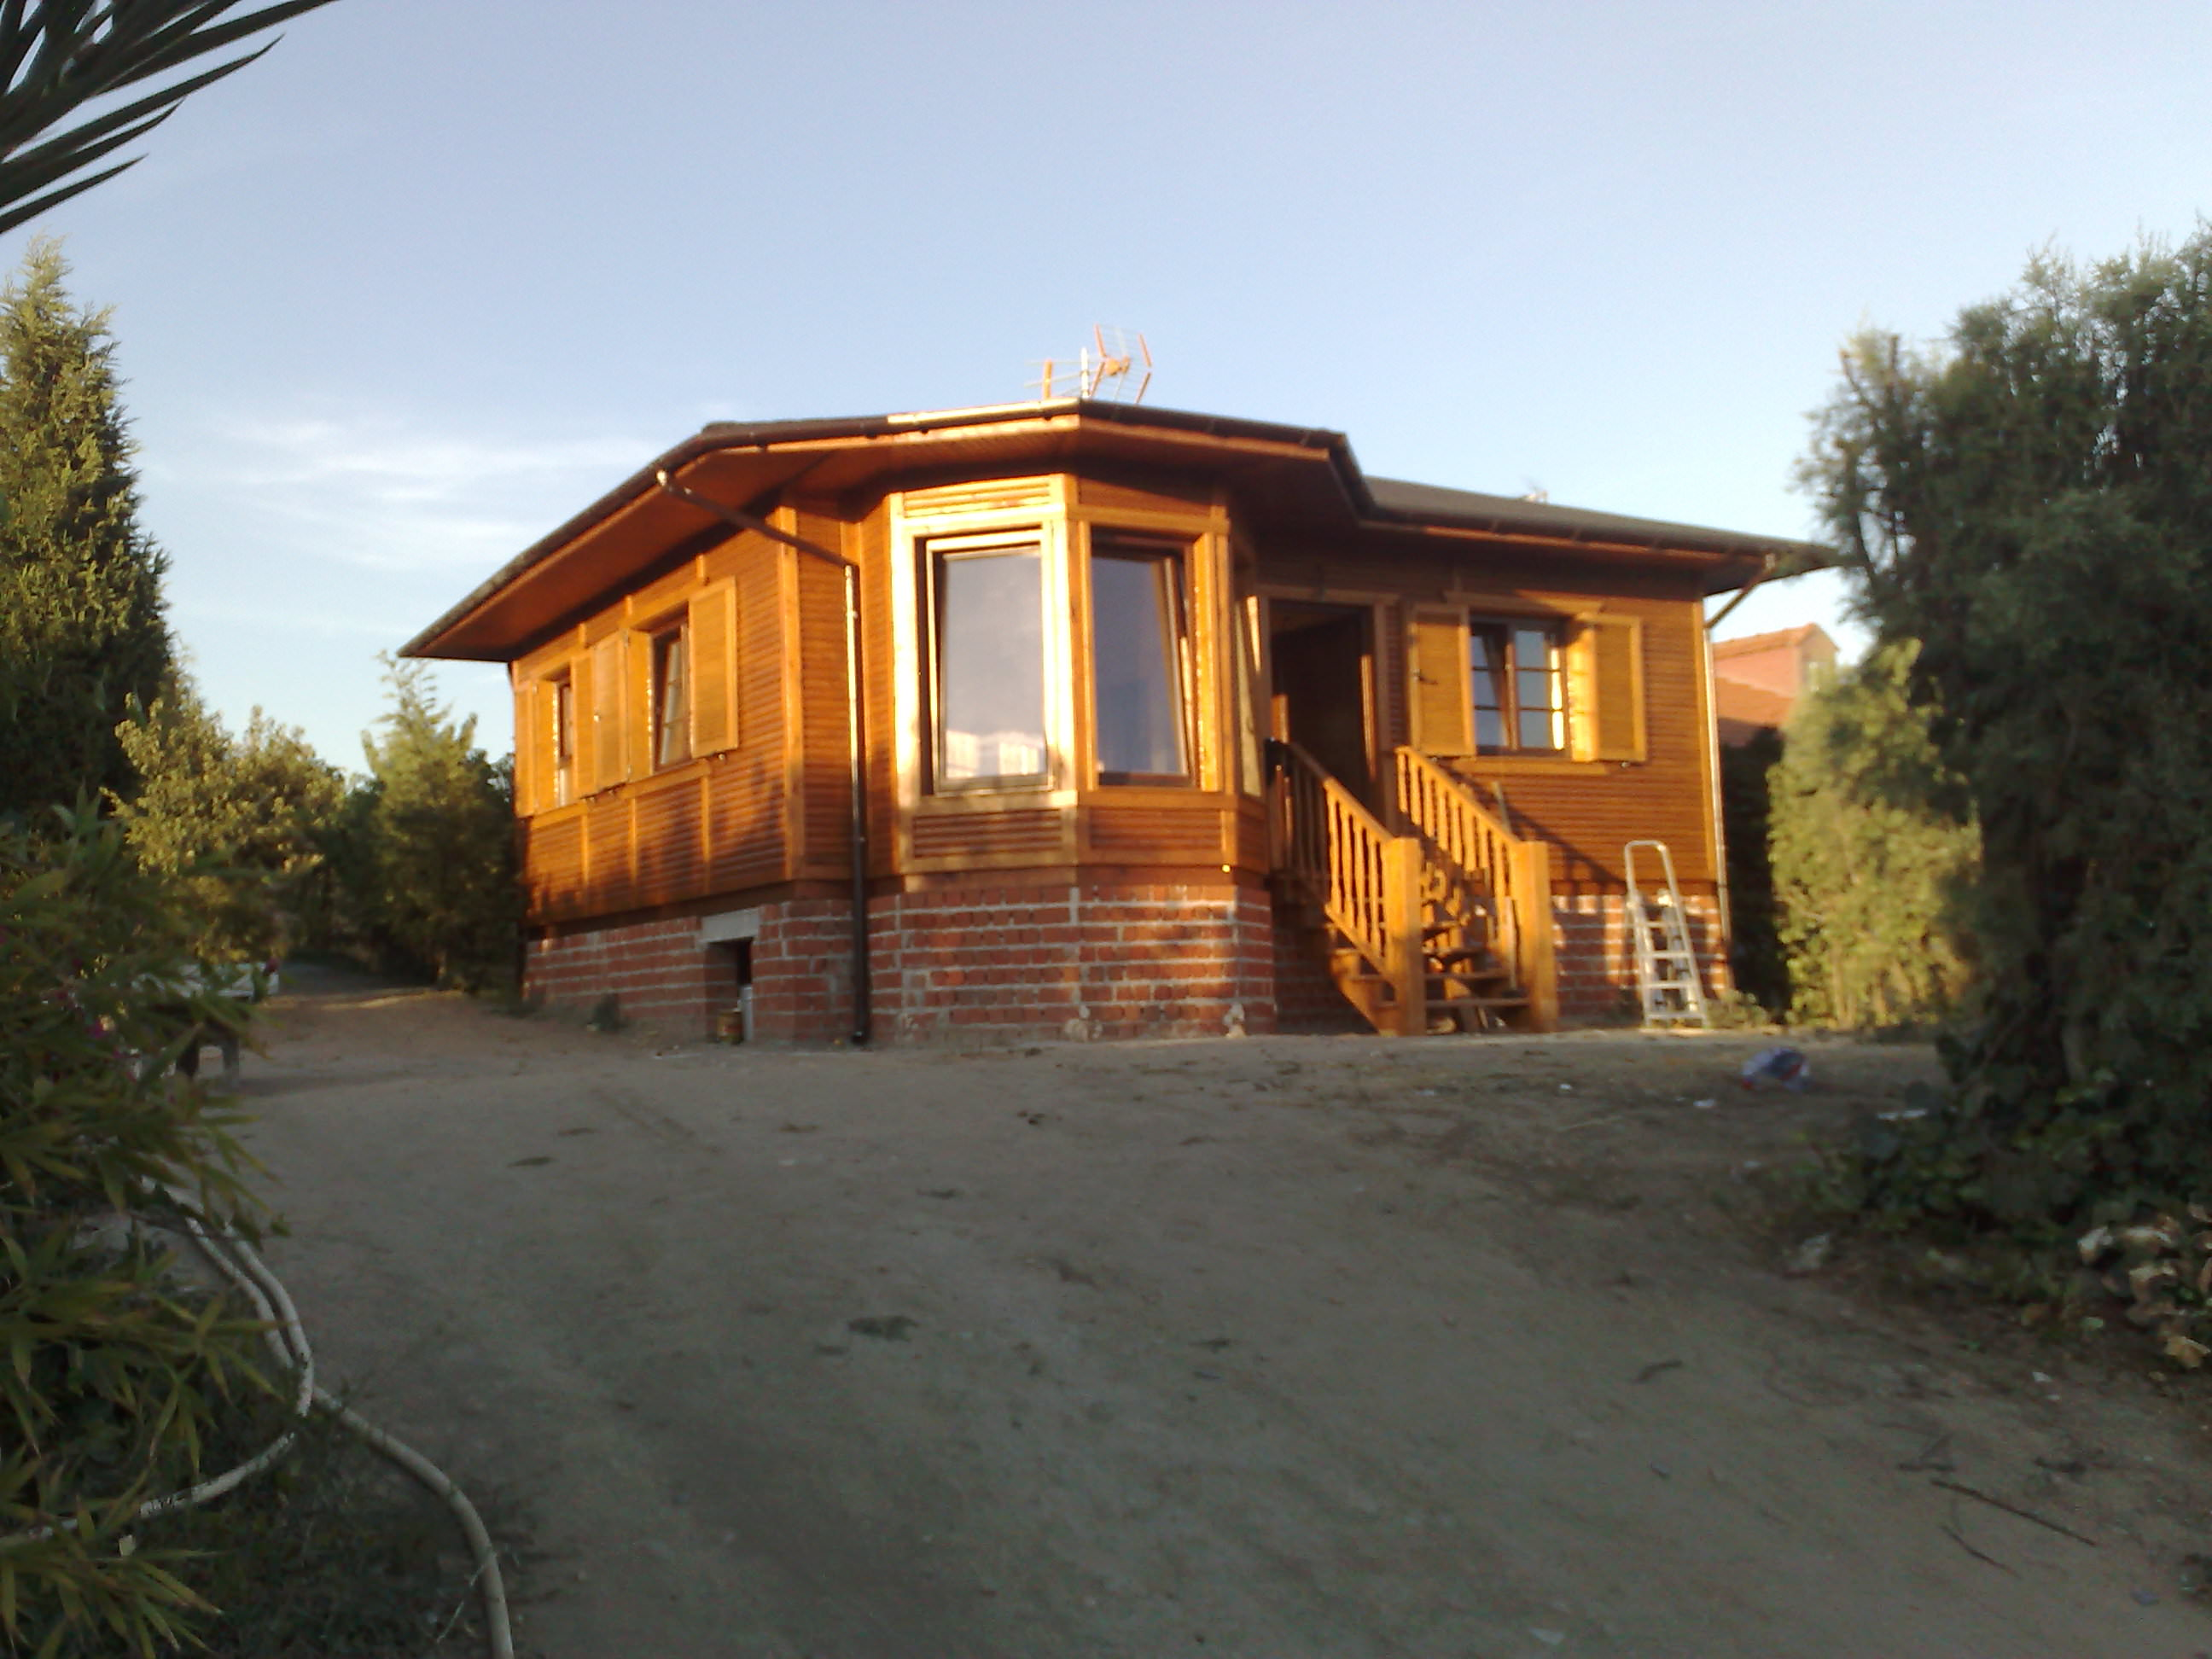 Precio de comprar casa de madera prefabricada en madrid for Casillas de madera precios